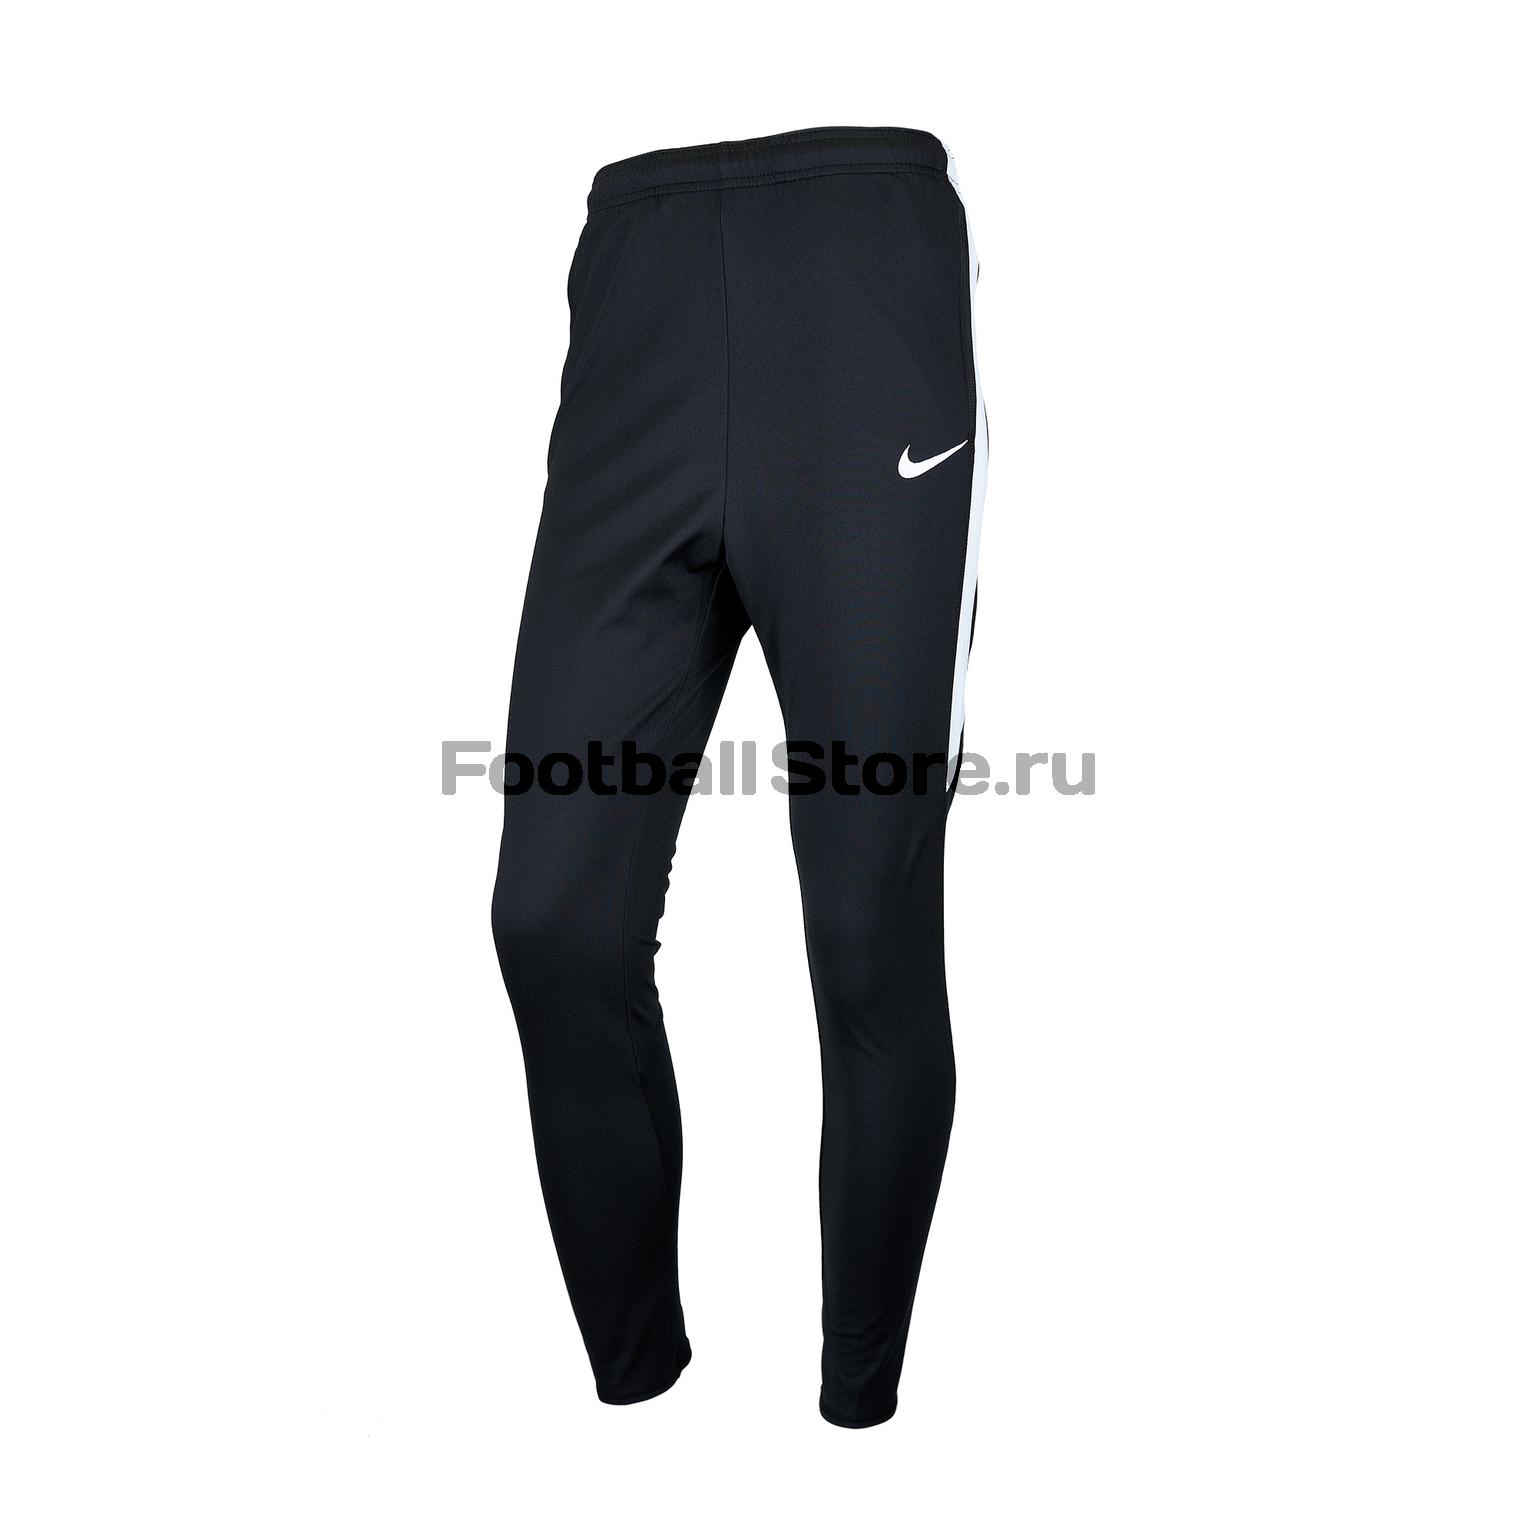 Брюки тренировочные Nike Y NK Dry Pant 832390-010 игровая форма nike шорты игровые детские nike y nk dry short k 832253 010